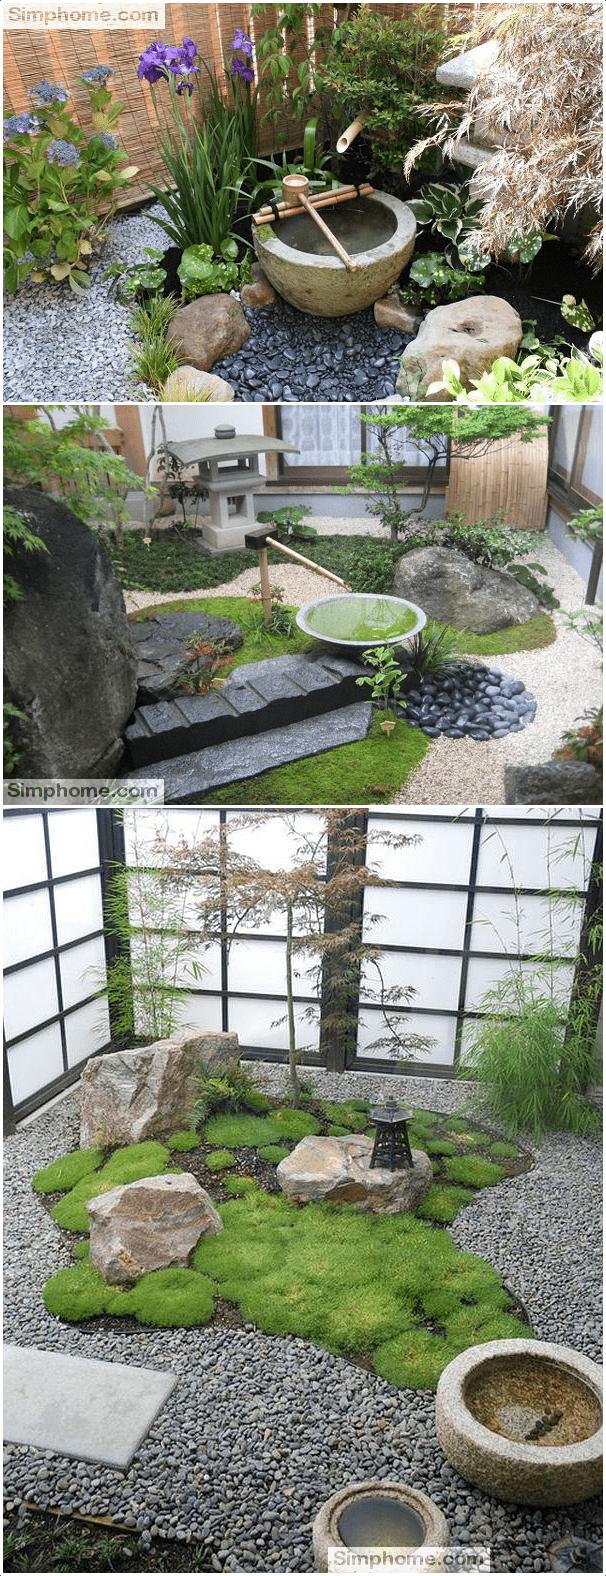 9.Cheap Japanese Style Garden via simphome.com